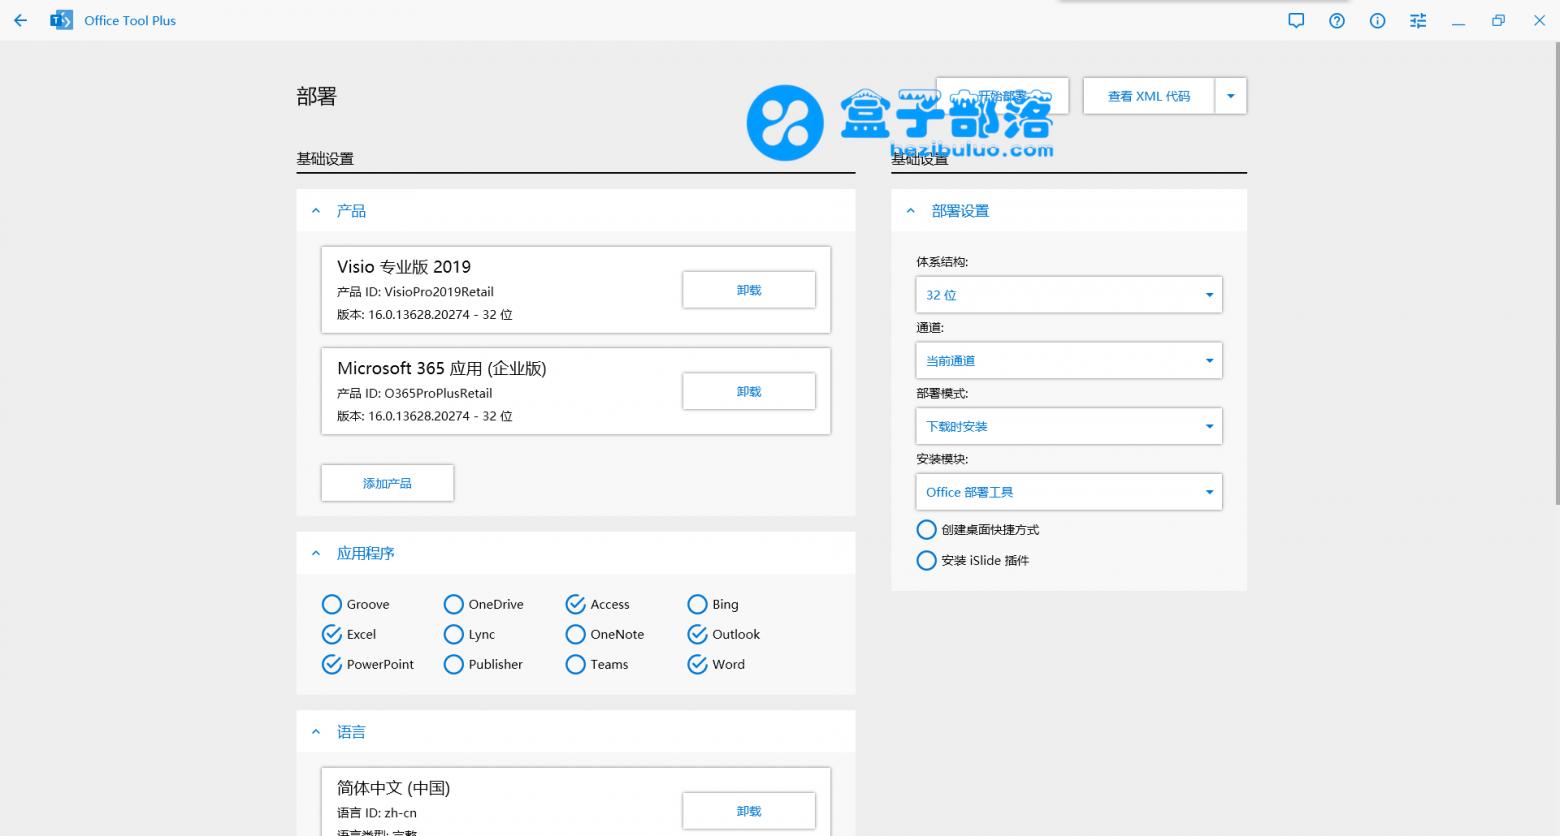 Office Tool Plus v8.1.2.2 可以自定义安装 Office 的小工具